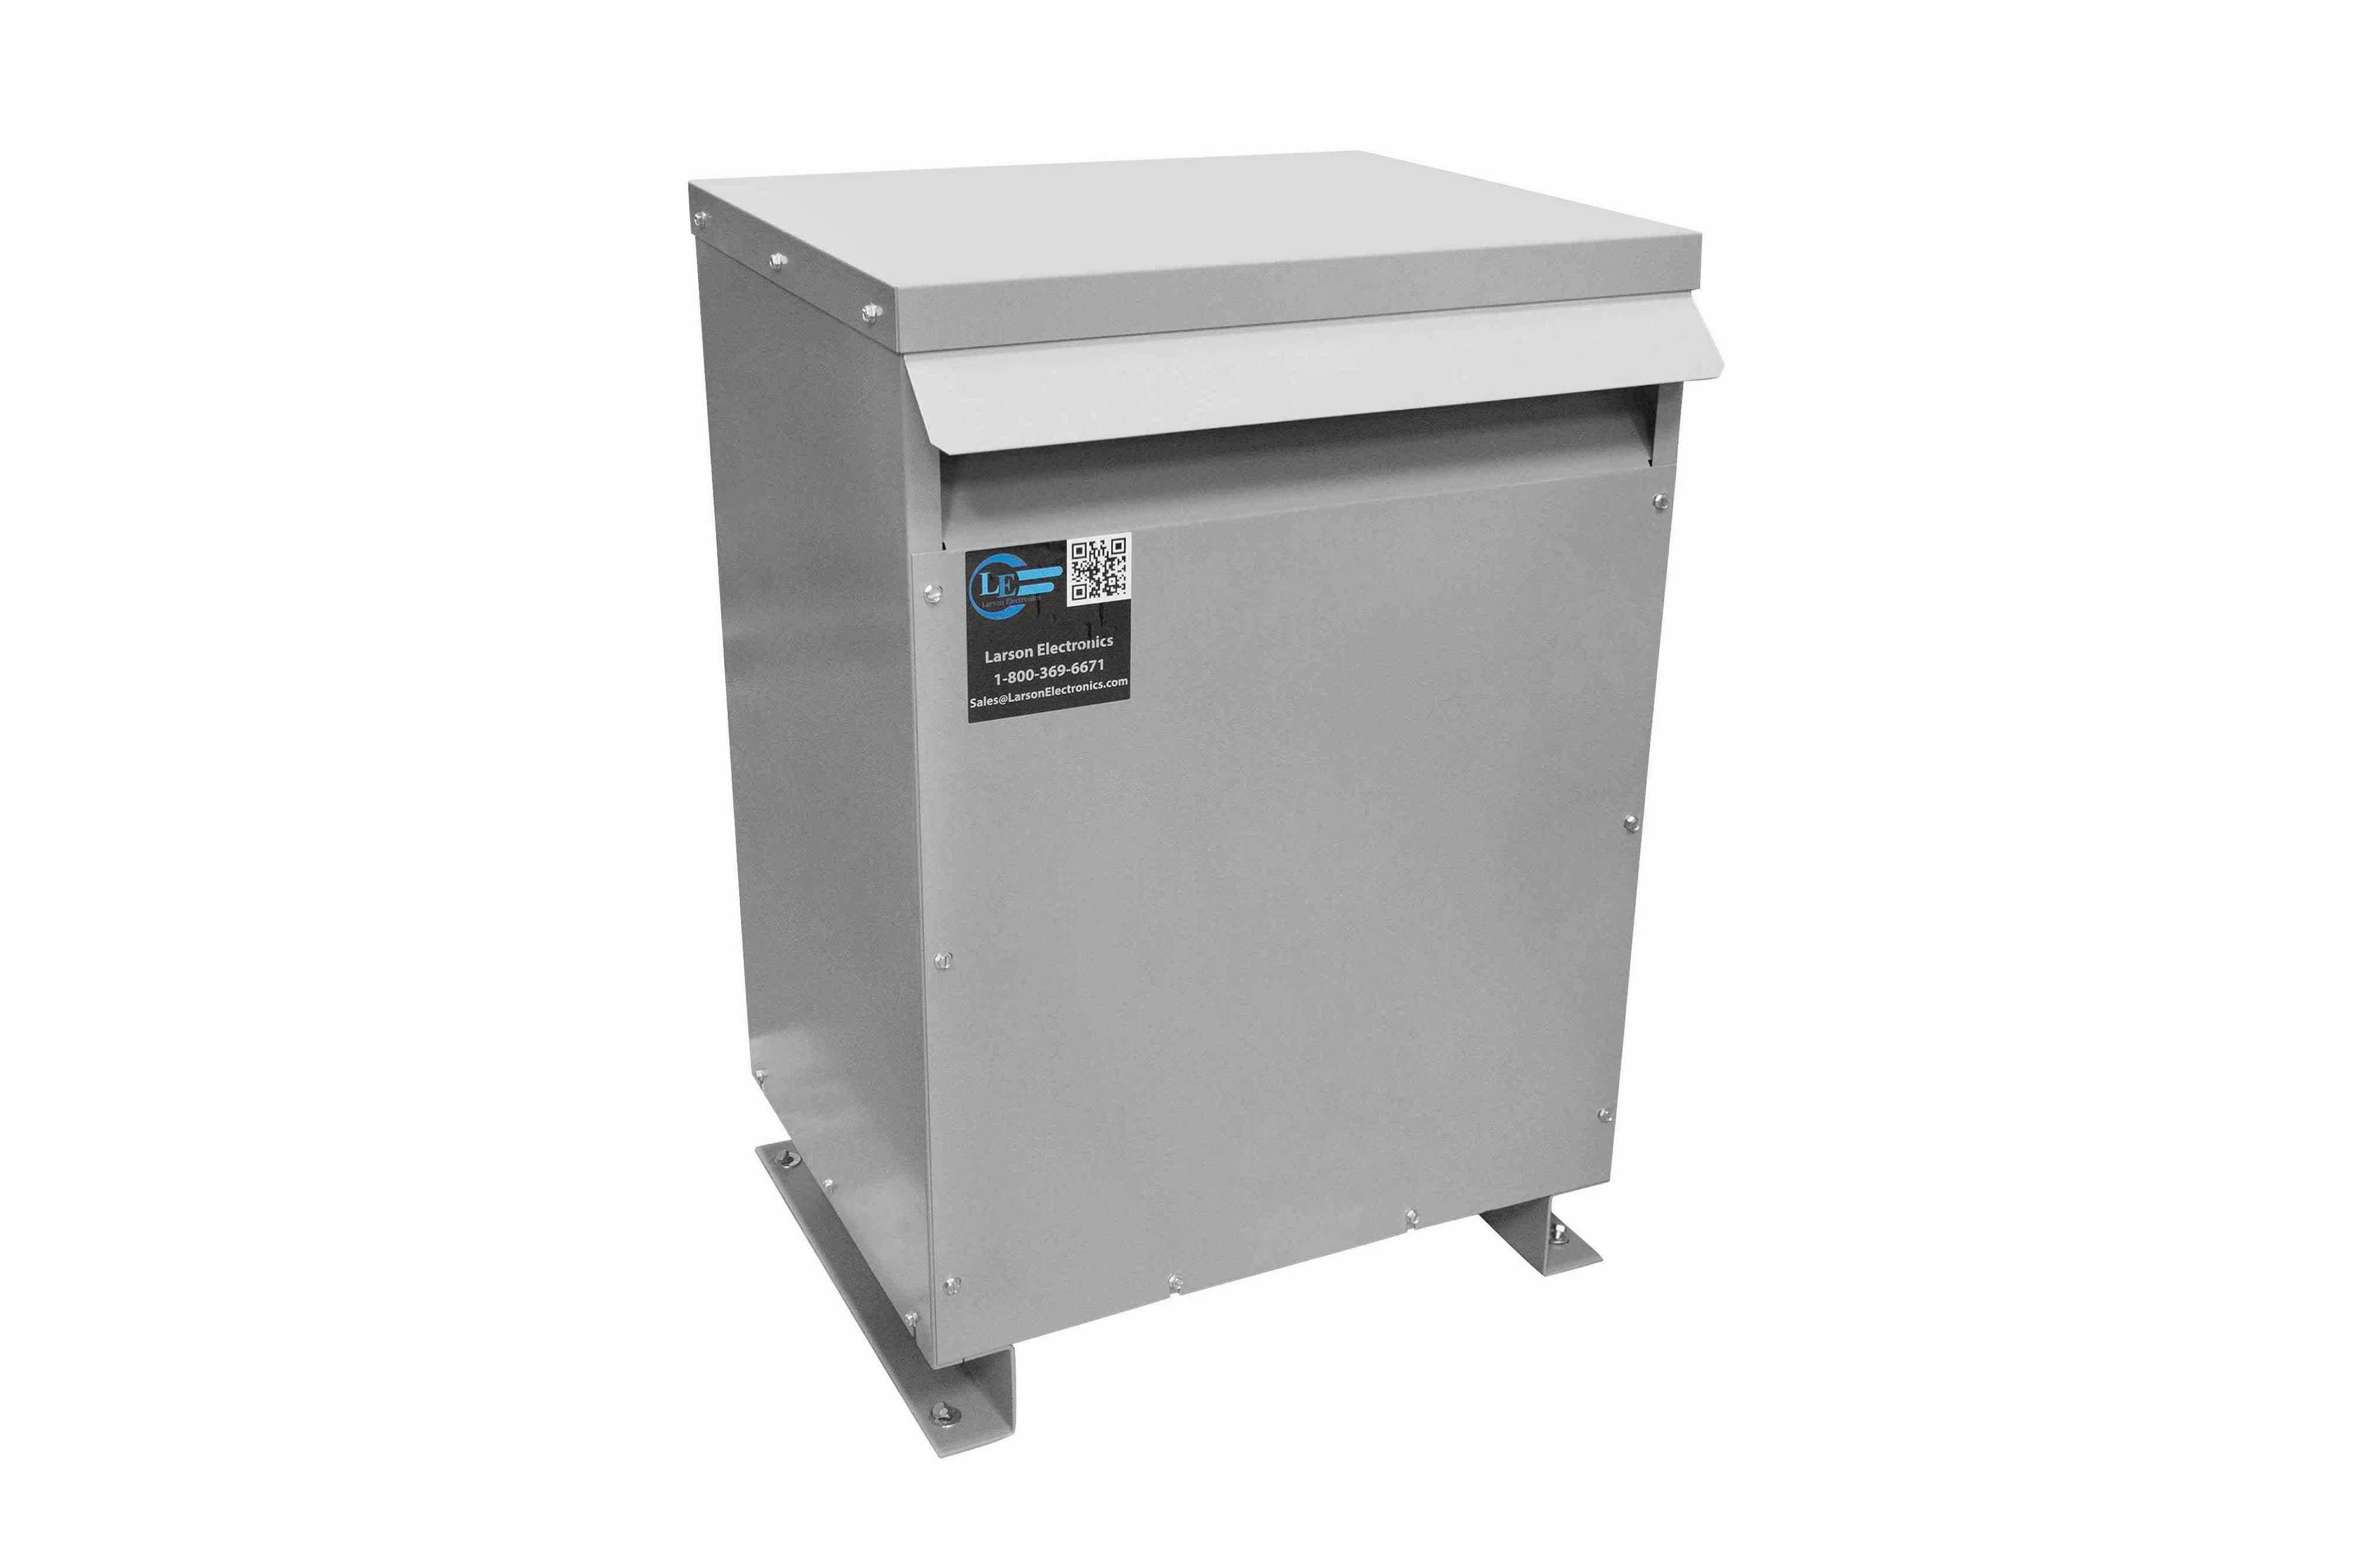 175 kVA 3PH Isolation Transformer, 415V Delta Primary, 240 Delta Secondary, N3R, Ventilated, 60 Hz